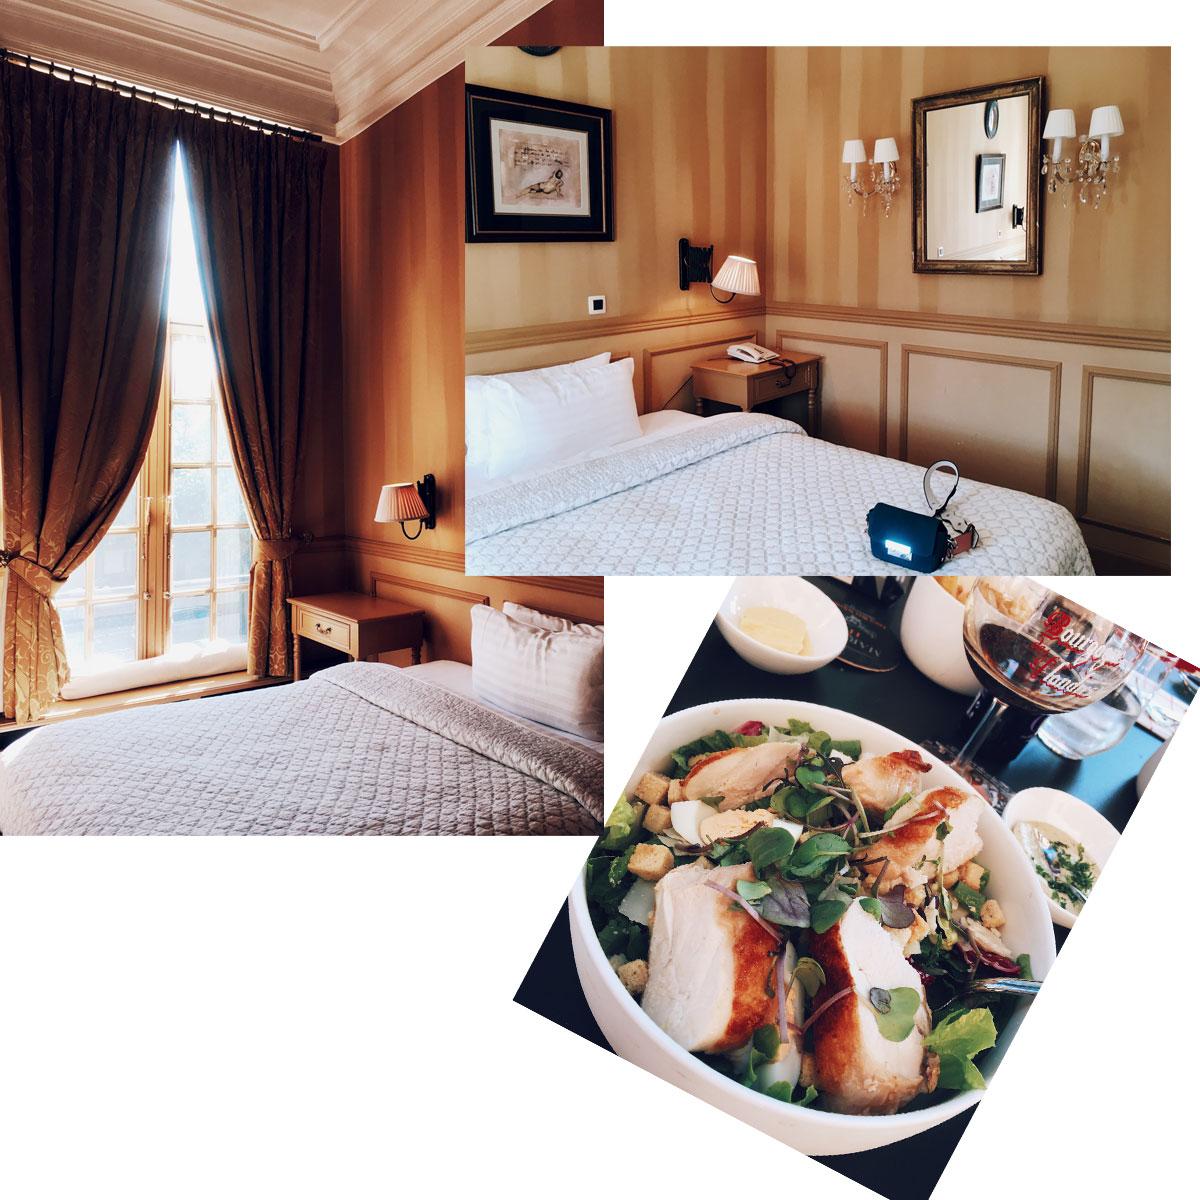 belgien-bruegge-03hotel-zimmer-und-mittag